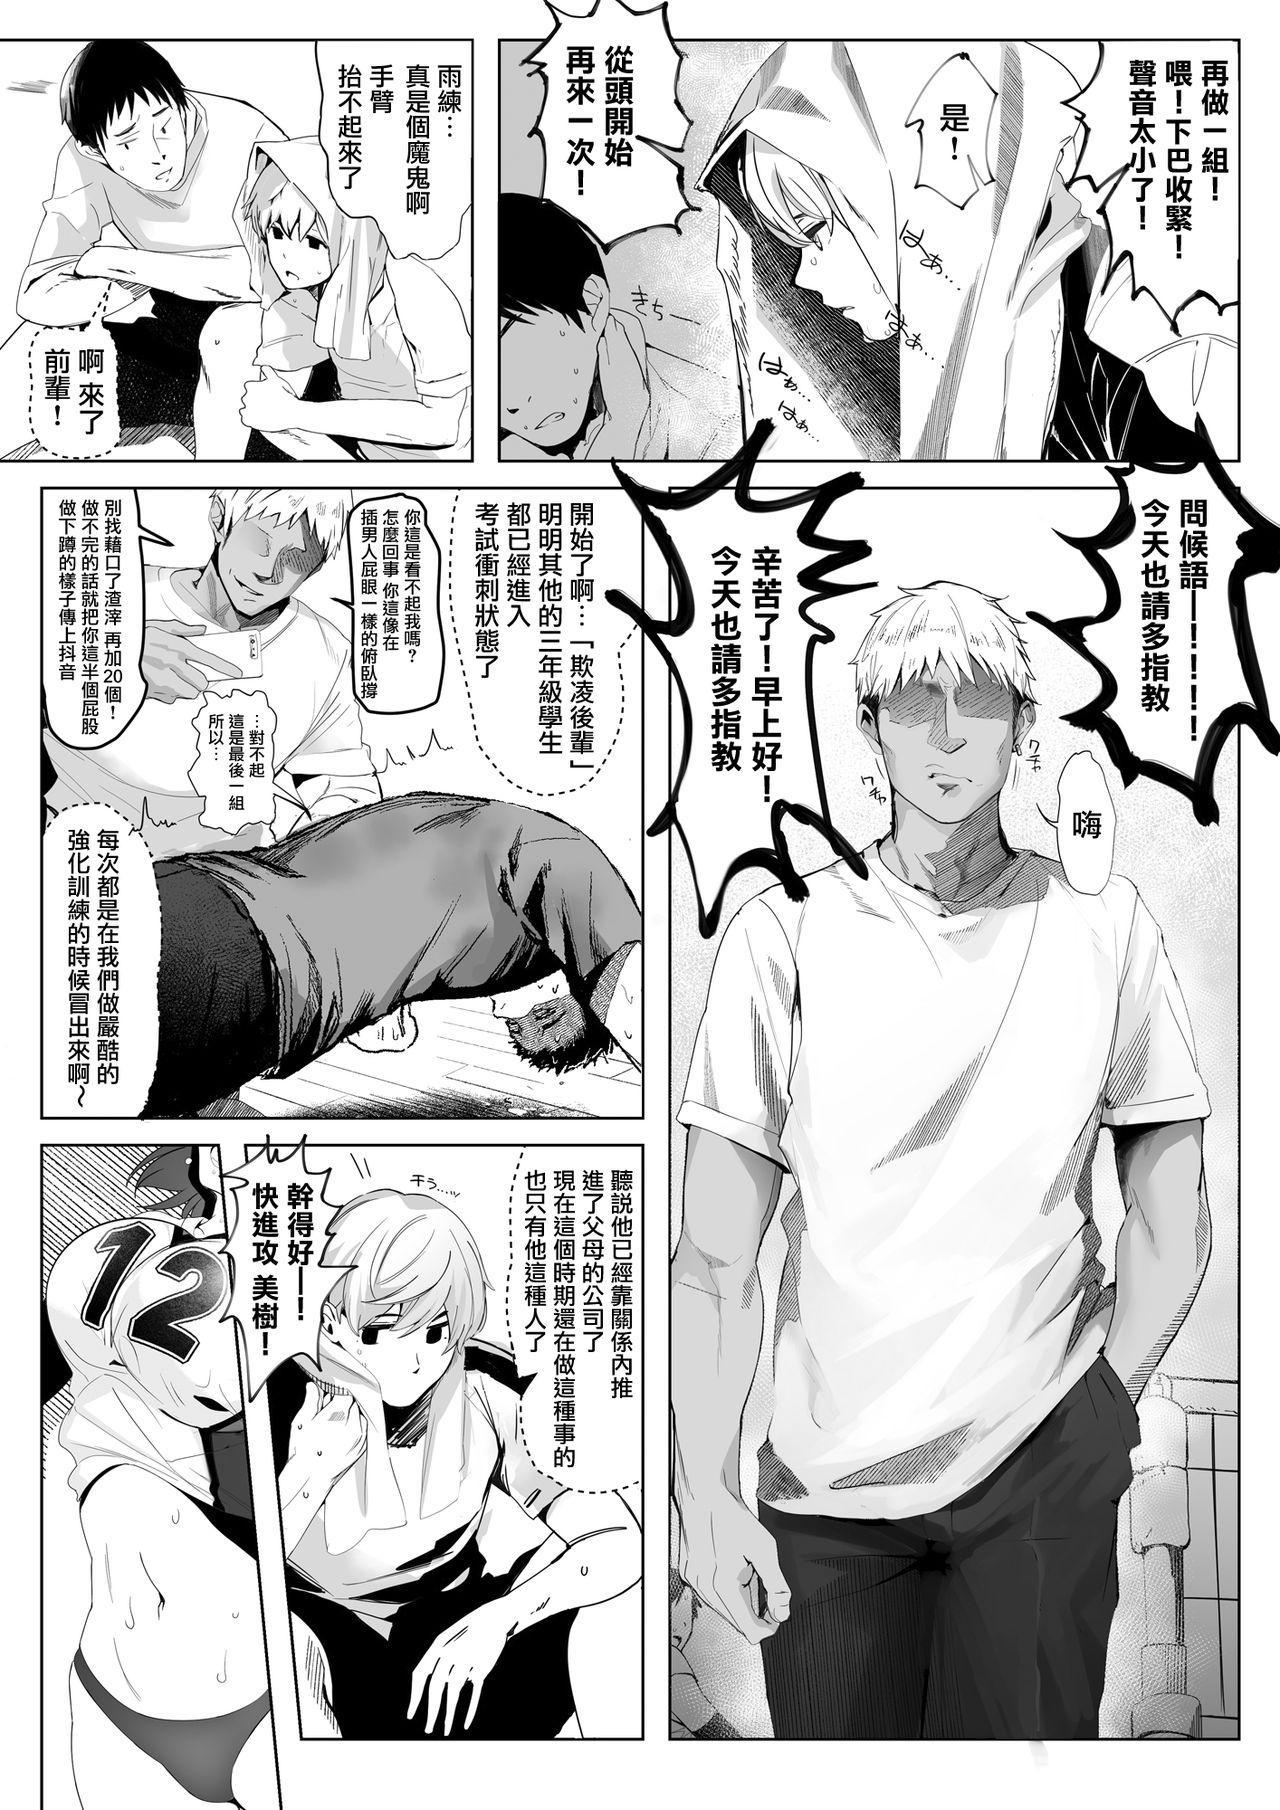 Koushinchou Volley-bu no Seisokei Kanojo ga Senpai no Mono ni Natte Shimau Ichibushijuu | 排球部的高個子清純系女友變成前輩的所有物的事情始末 2